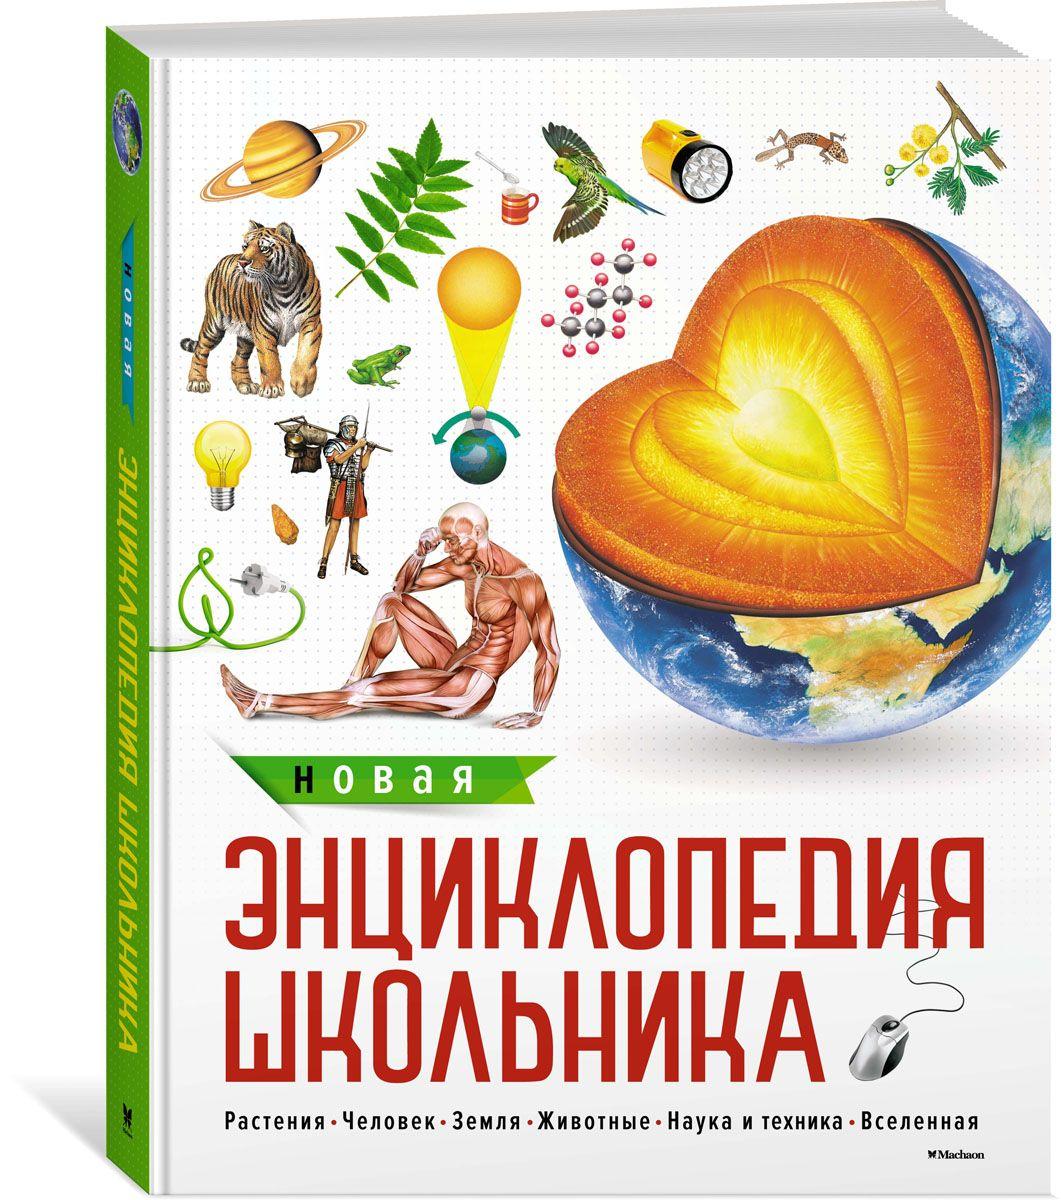 Новая энциклопедия школьника, новое оформление